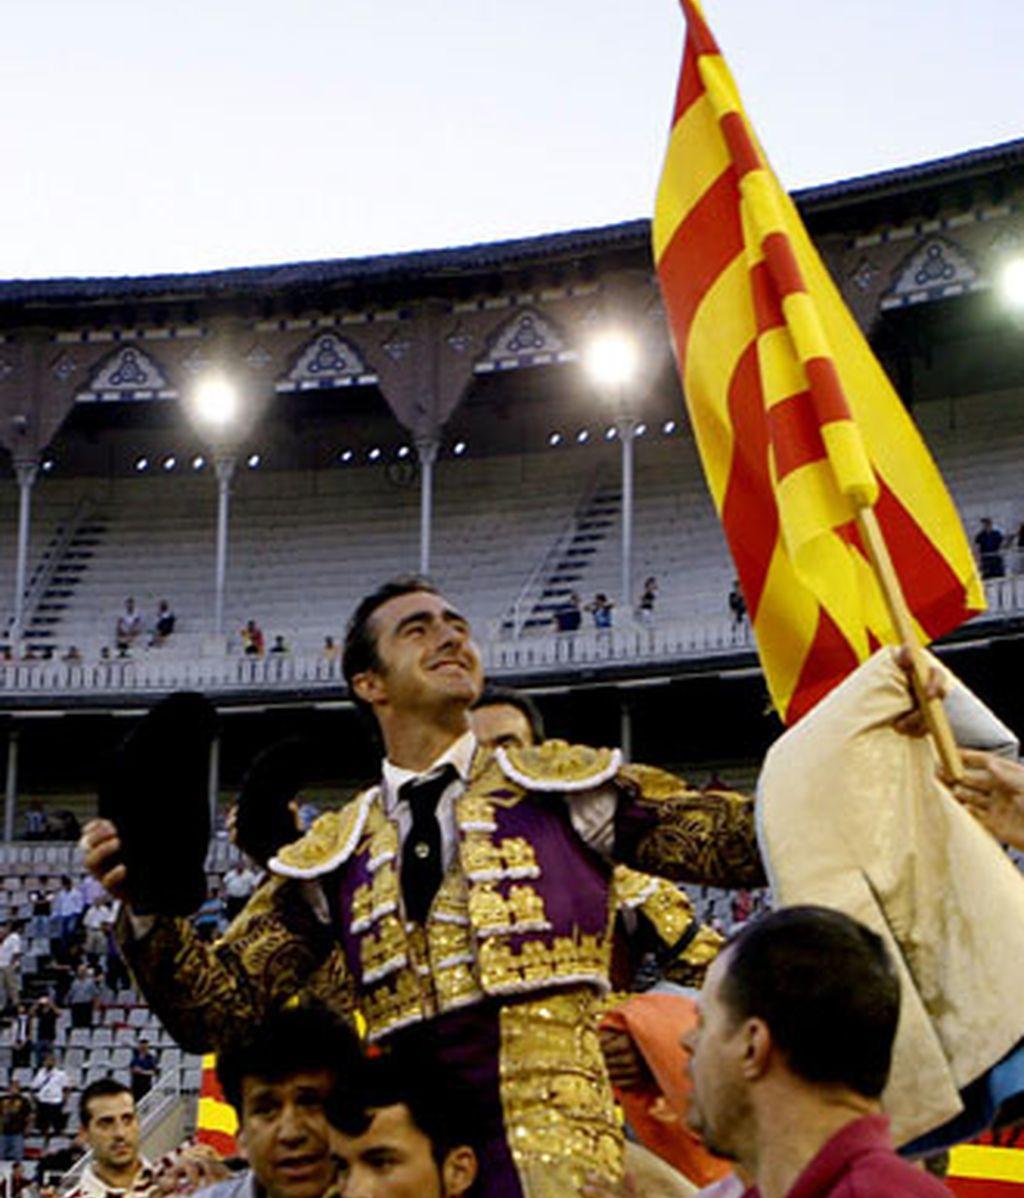 Último festejo en La Monumental antes de la prohibición